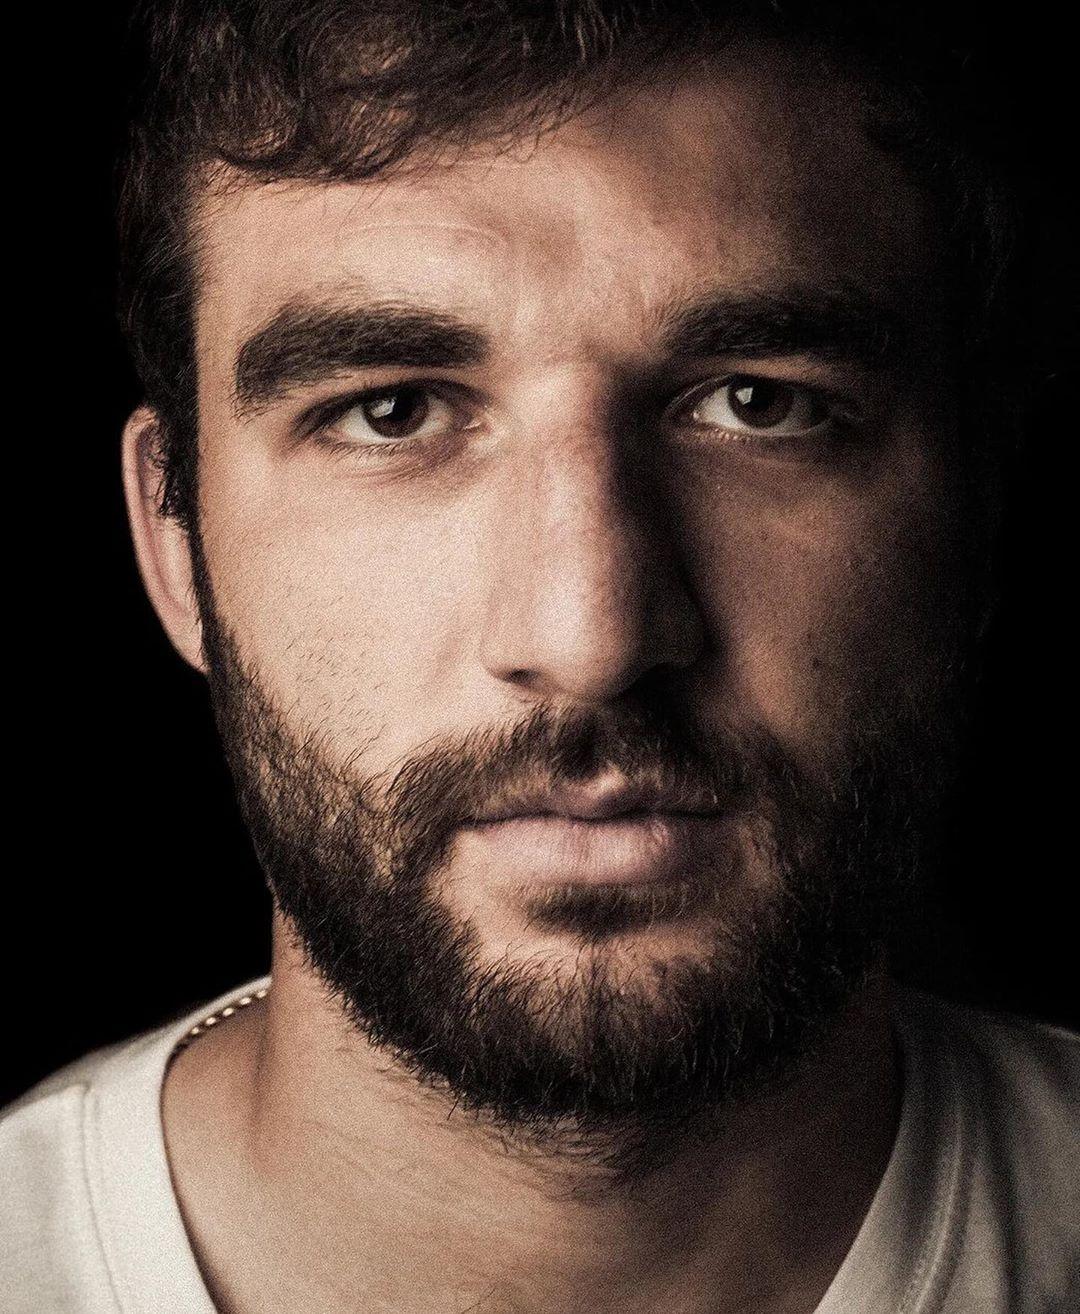 Снялся для проекта талантливого @elguapoworld для его ютюб проекта #ГеоргийЗаКадром